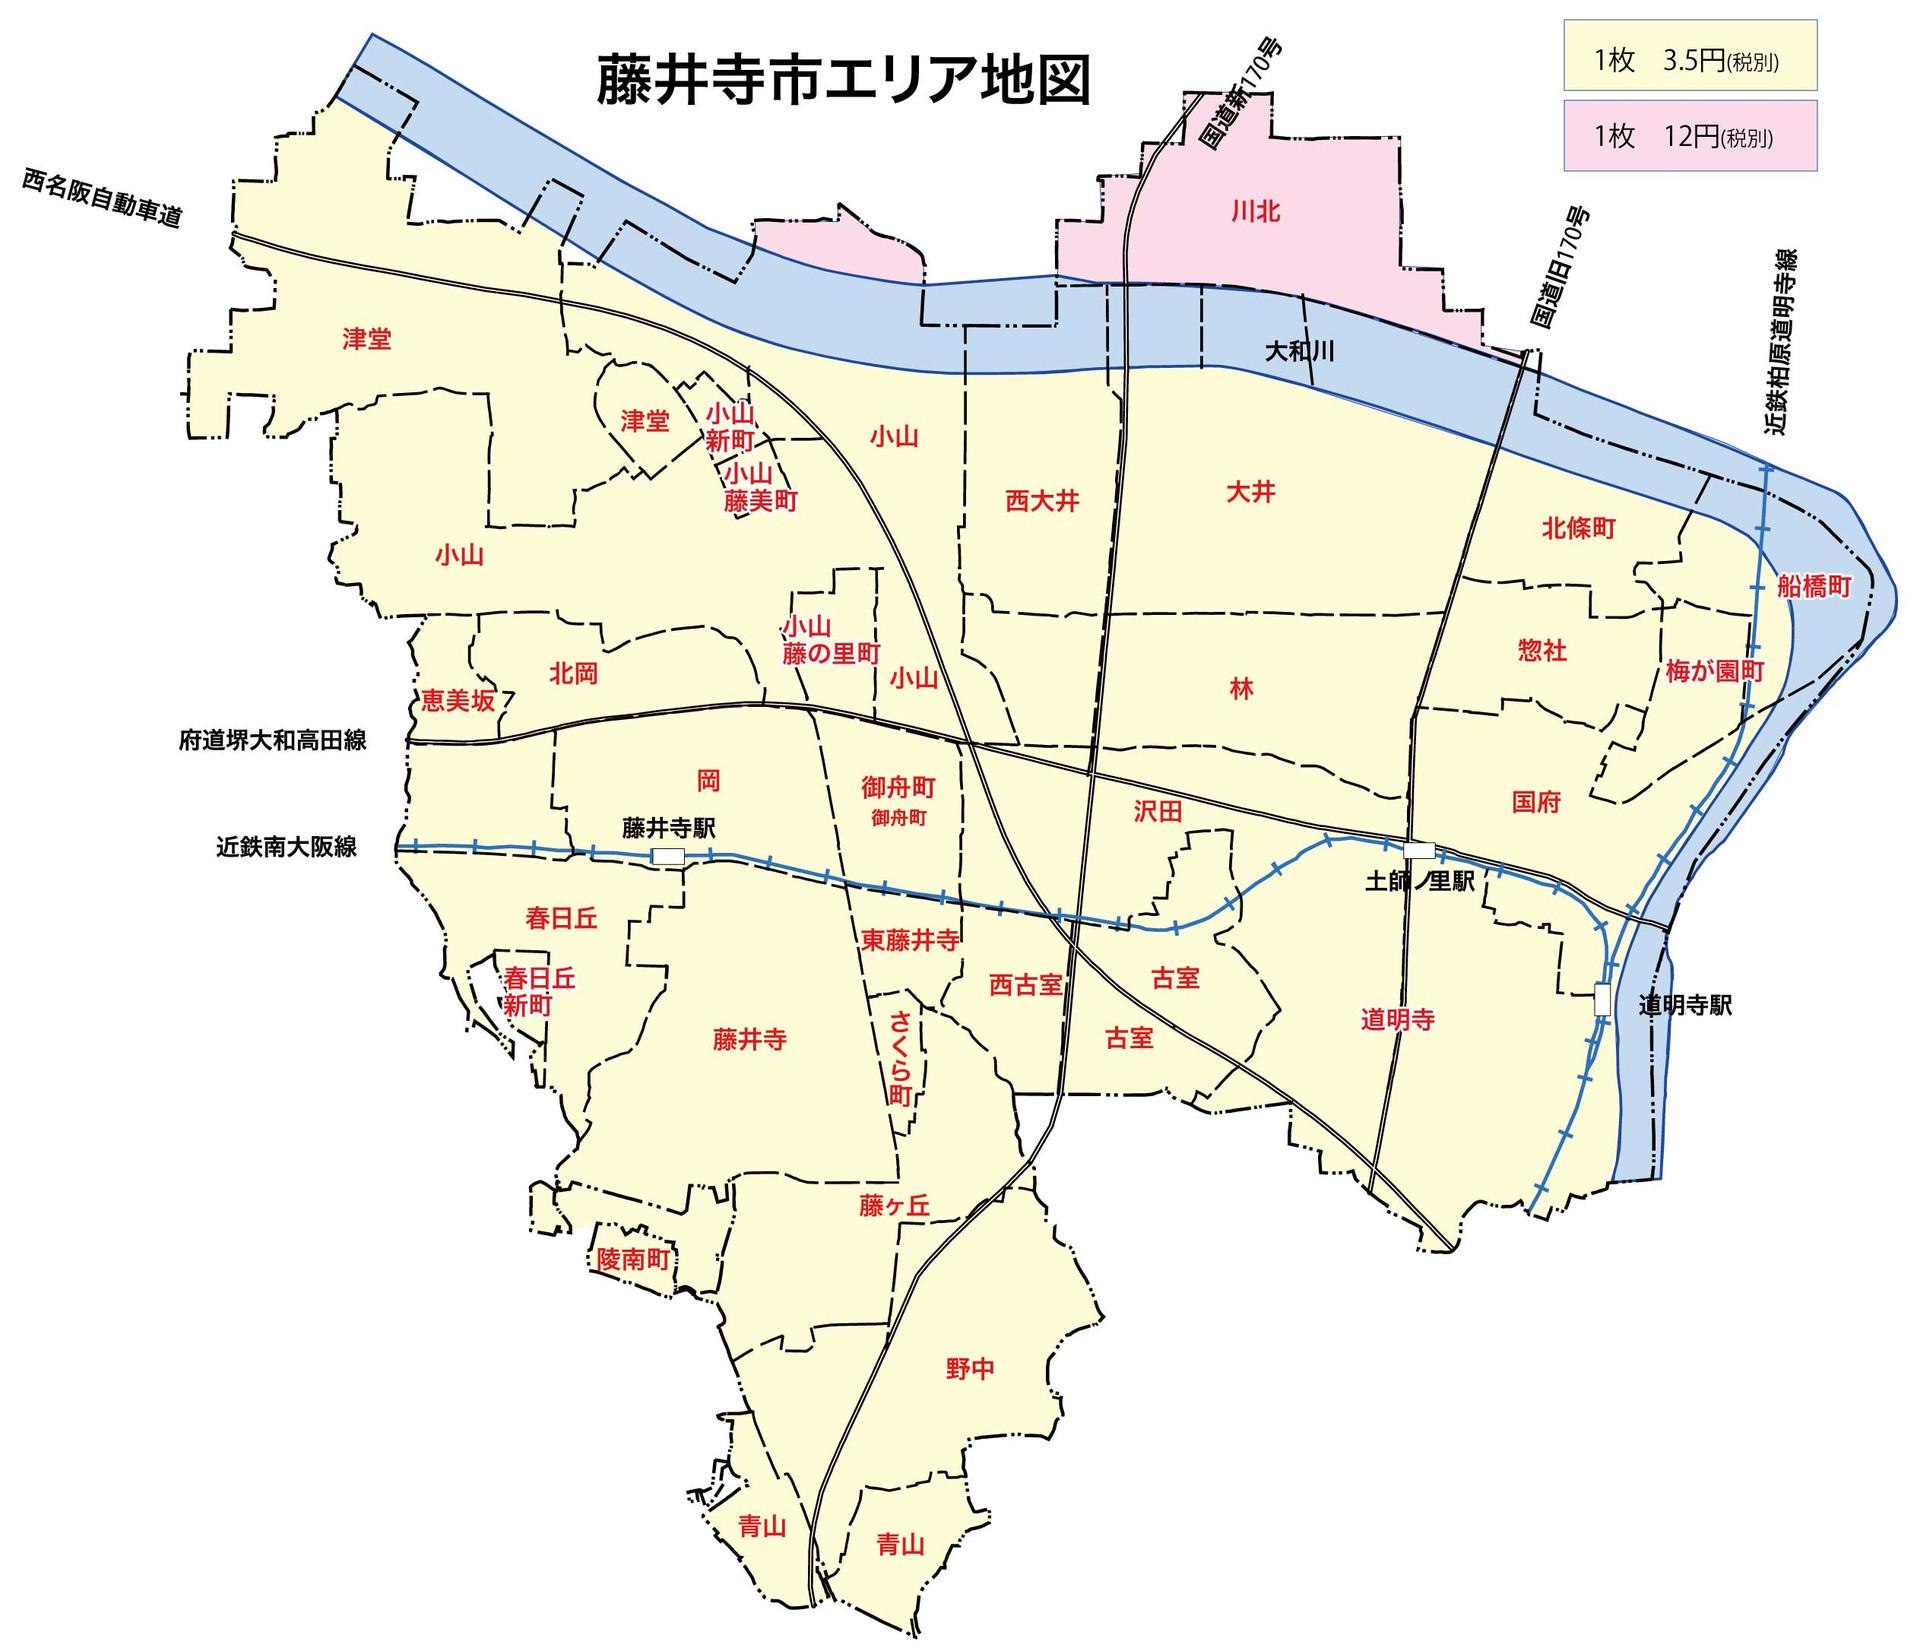 藤井寺市エリア地図